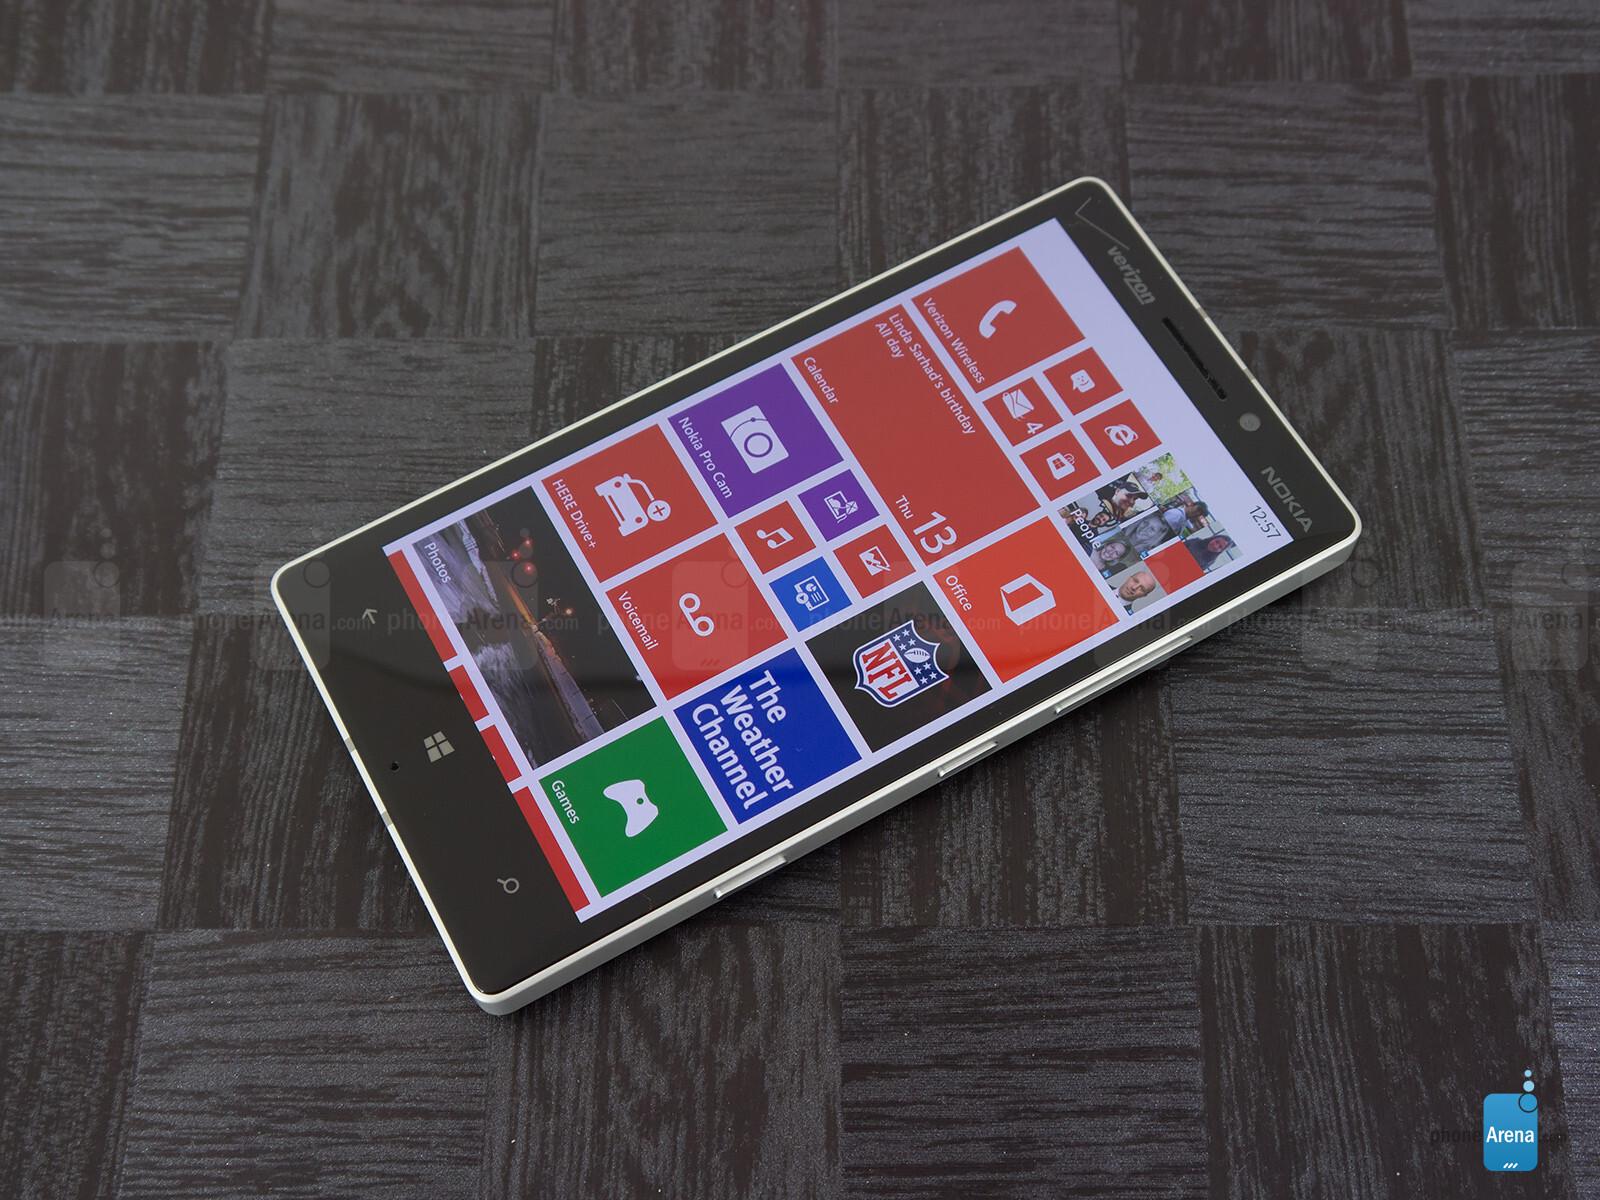 Sforum - Trang thông tin công nghệ mới nhất Nokia-Lumia-Icon-Review-002 Mở hộp Lumia Icon phiên bản nhà mạng Verizon